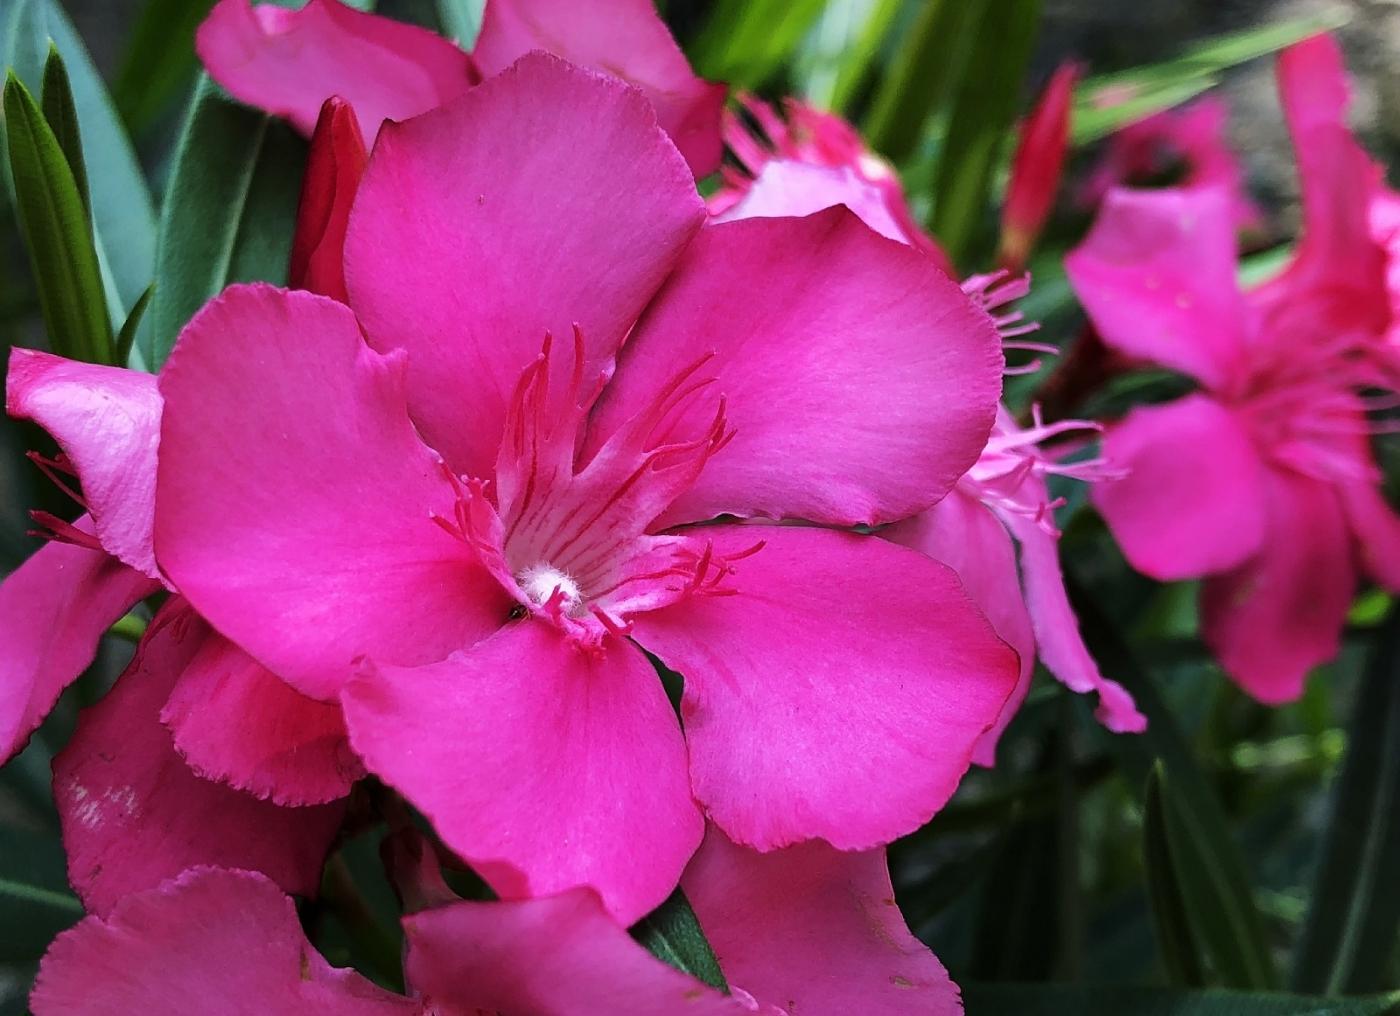 【田螺随拍】我今年种的蜂鸟喜欢吃的花都开了_图1-1